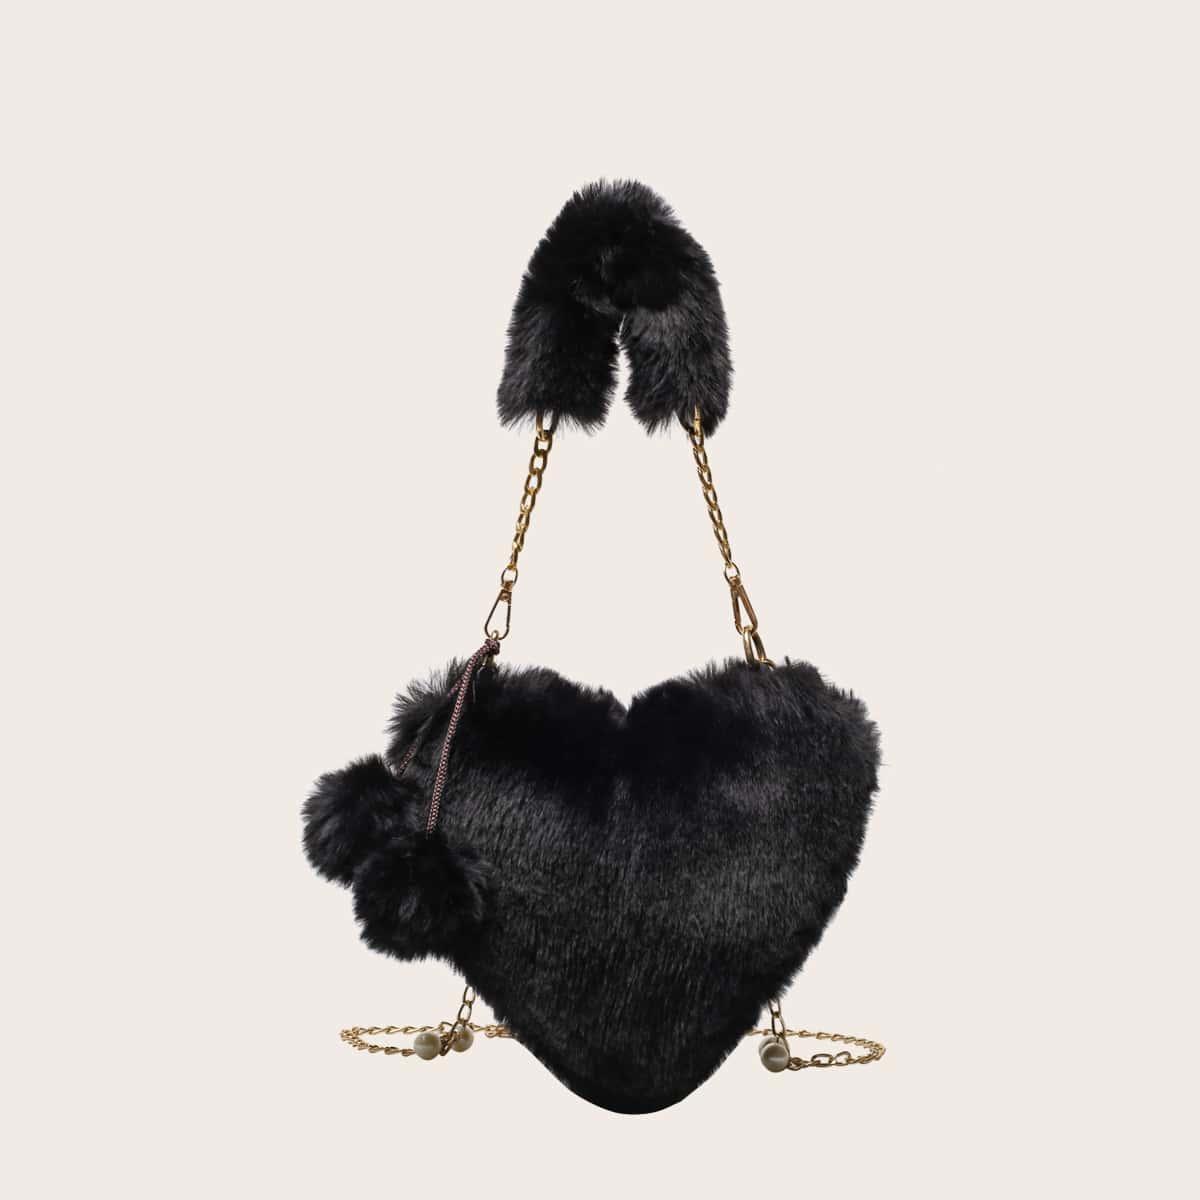 Плюшевая сумка в форме сердечка с цепочкой и помпоном